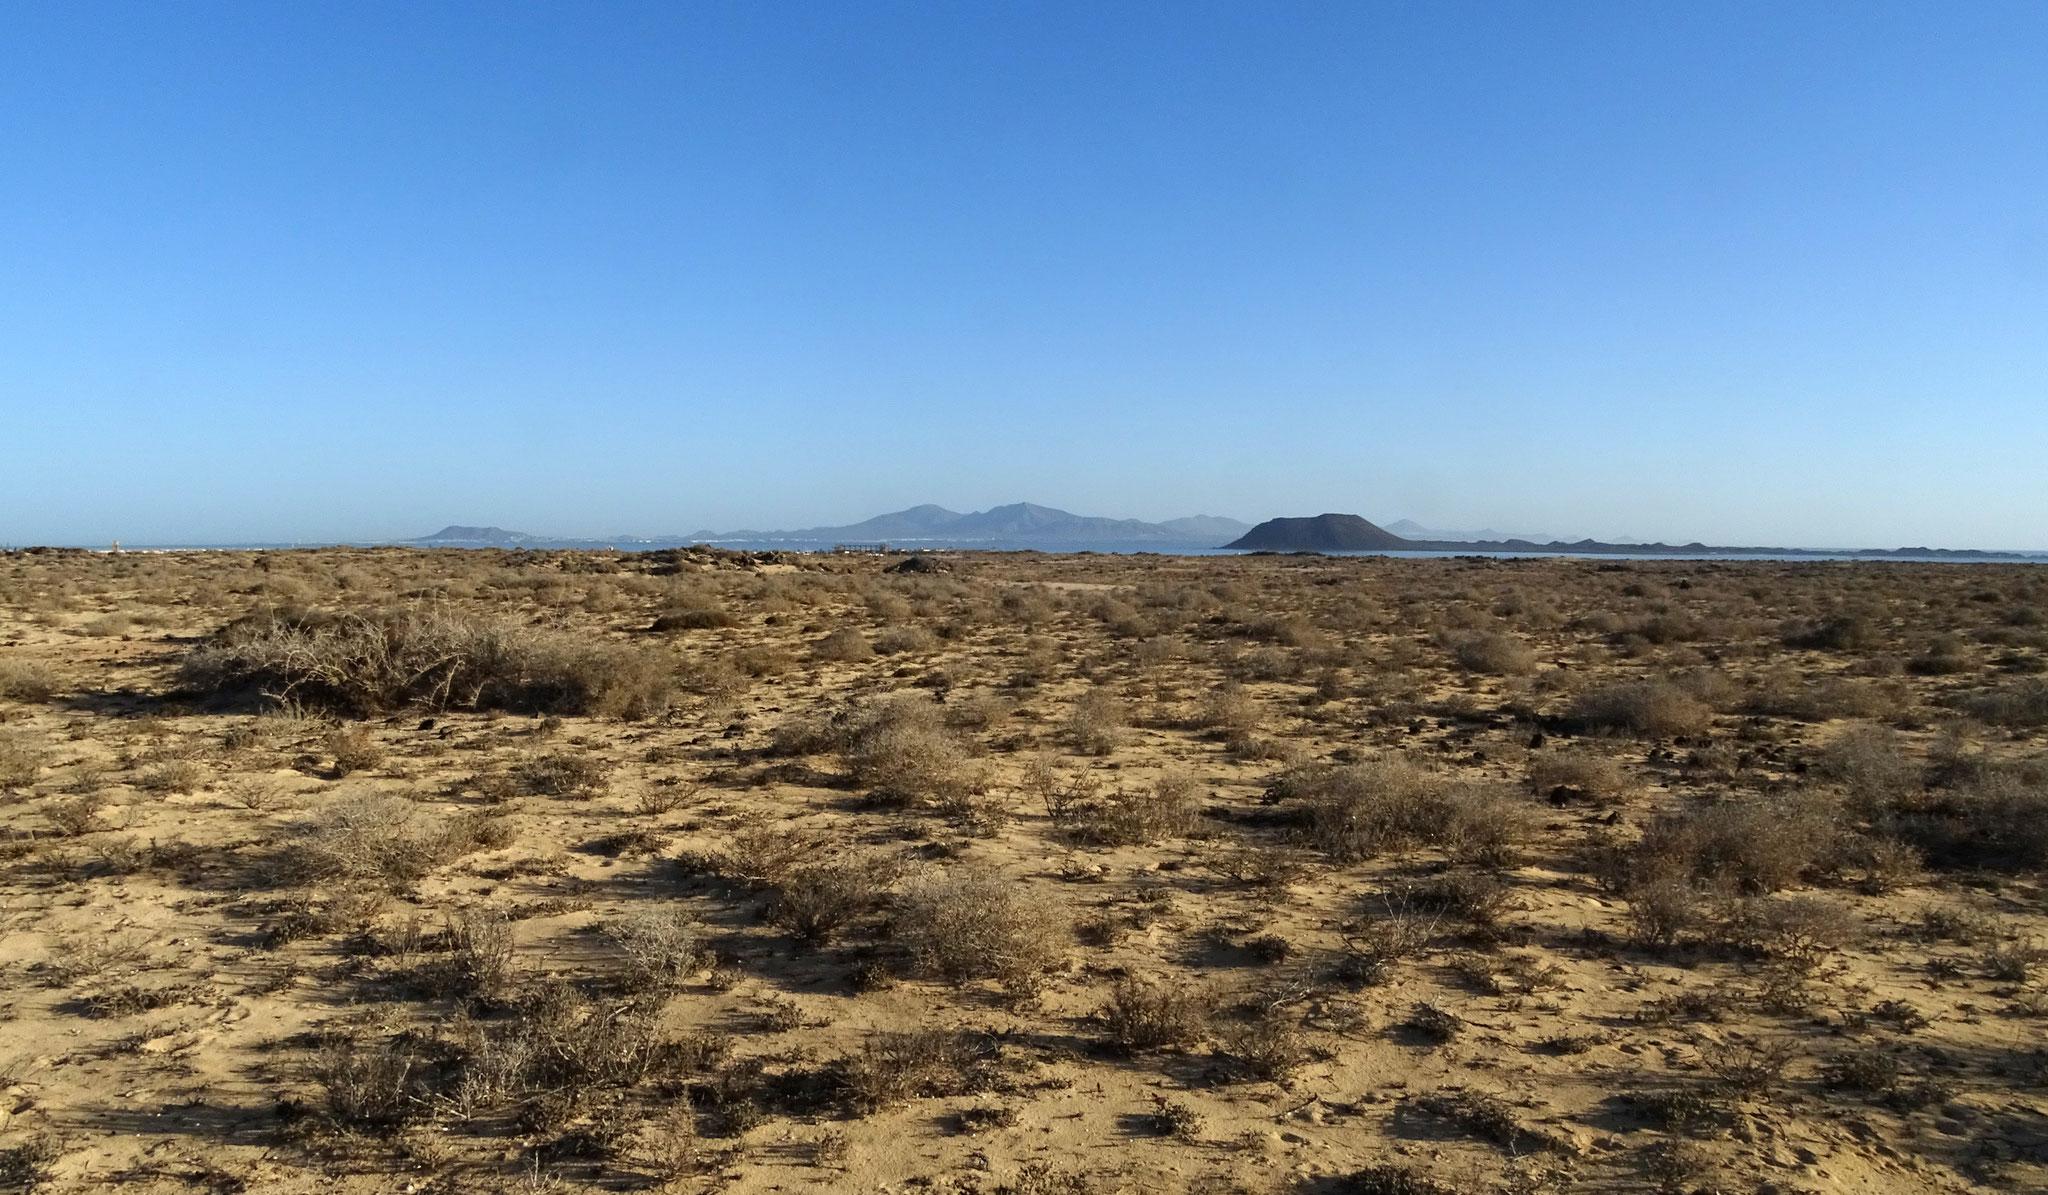 Von unserer Wohnung blicken wir auf den Parque Dunas de Corralejo, einem Dünen-Schutzgebiet, im Hintergrund die Insel Los Lobos und Lanzarote